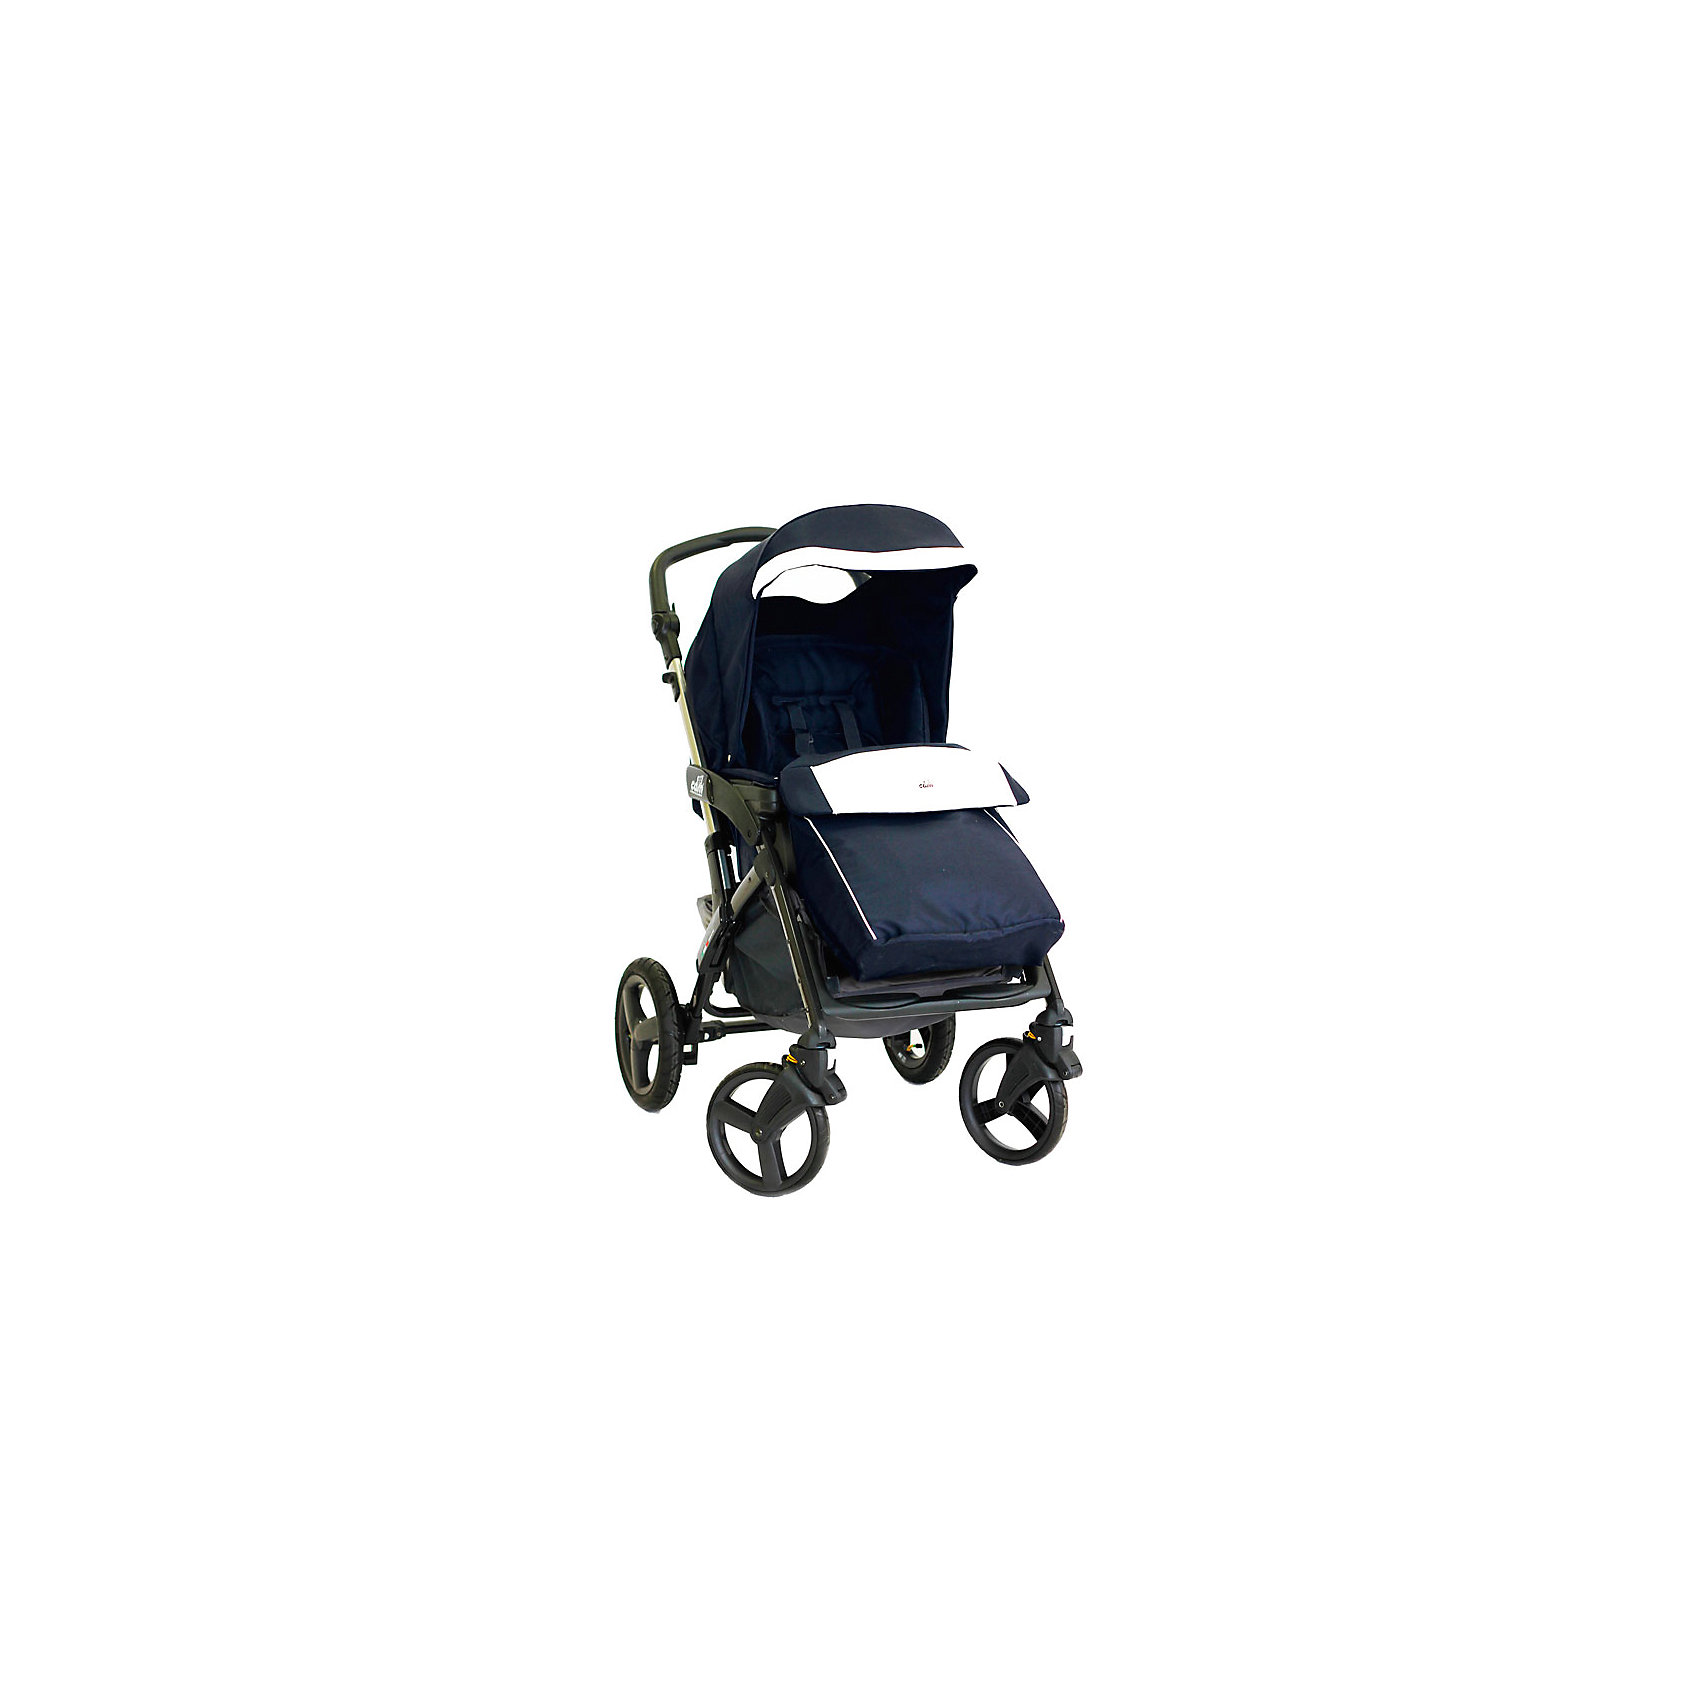 CAM Прогулочная коляска Dinamico 4S, CAM, синий с белой эко-кожей